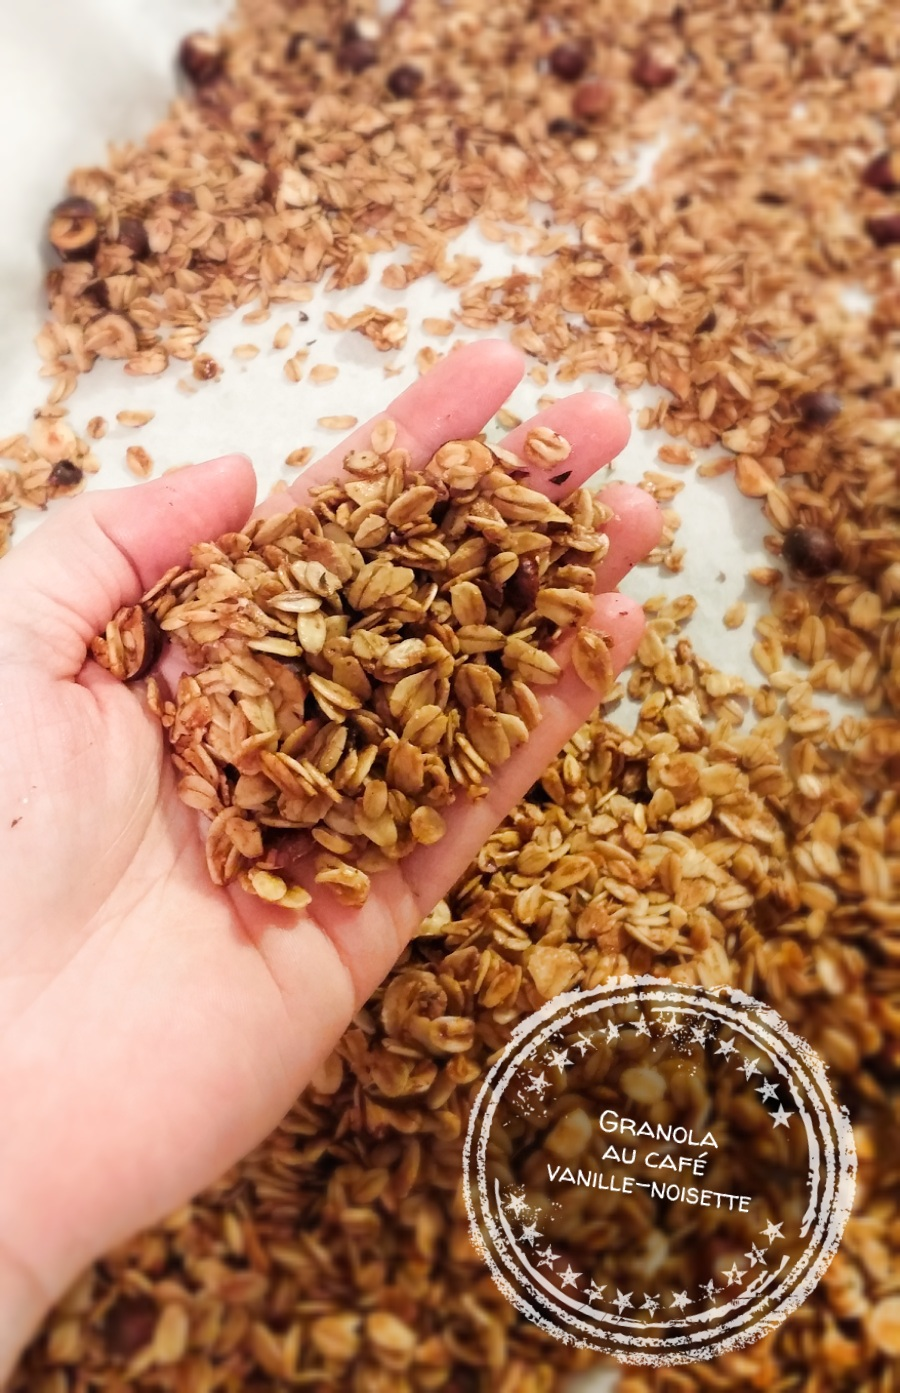 Granola au café vanille-noisette - Auboutdelalangue.com